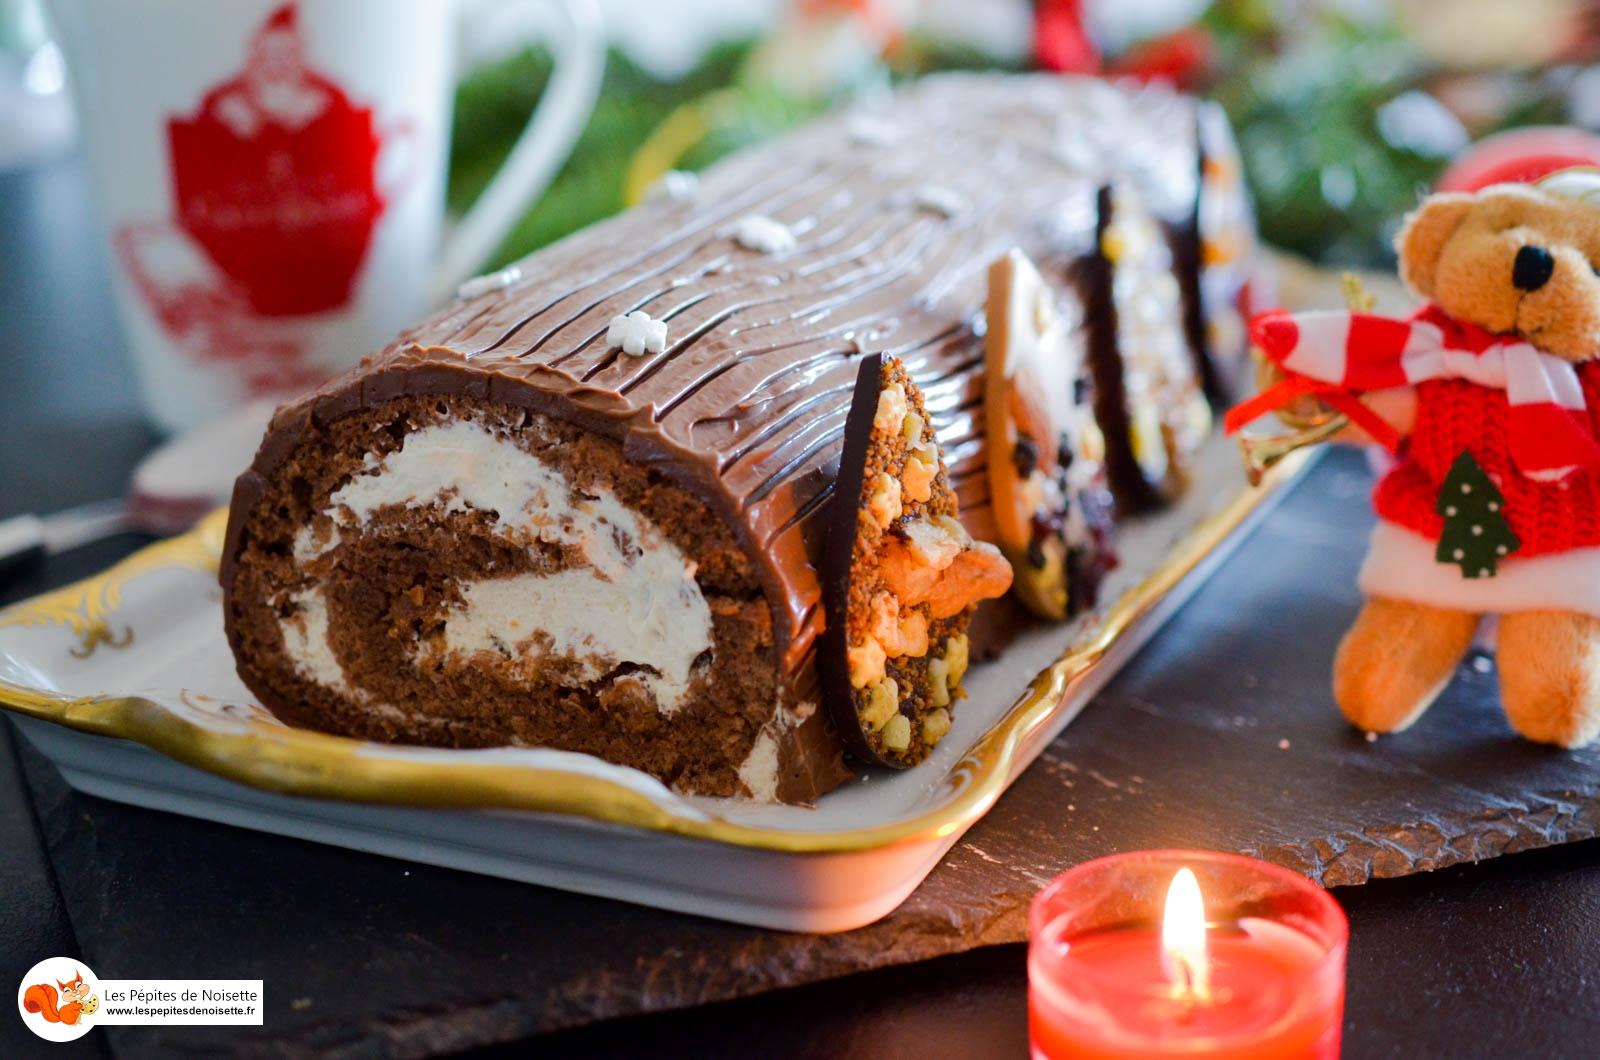 Buche Chocolat Praliné Noel 2015 (12 Sur 17)